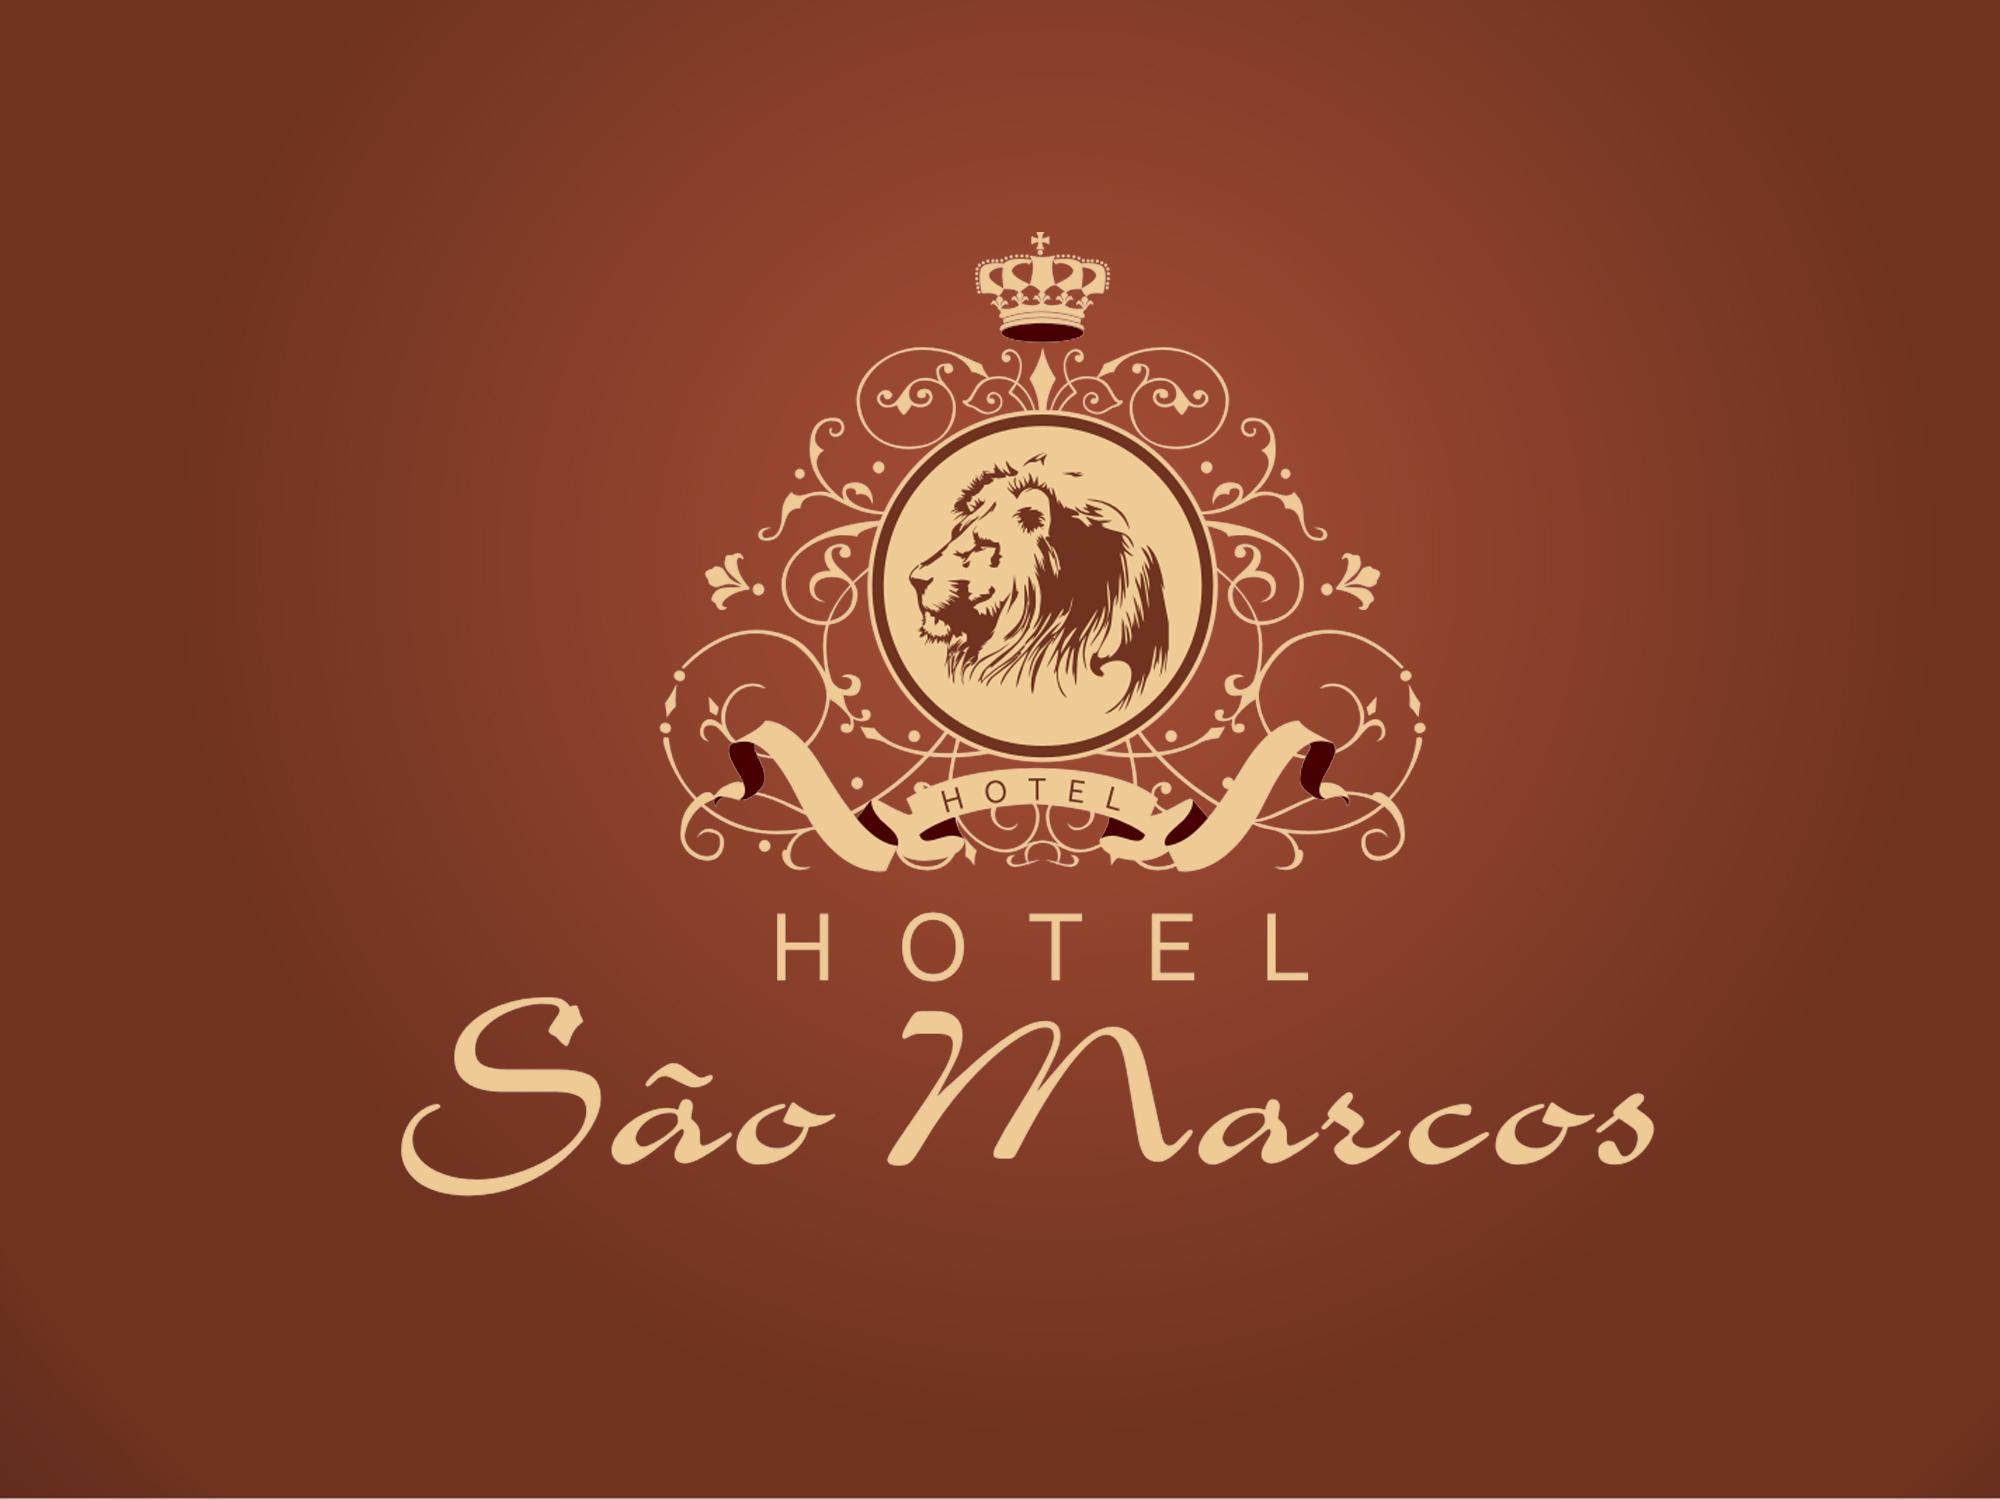 HOTEL SÃO MARCOS